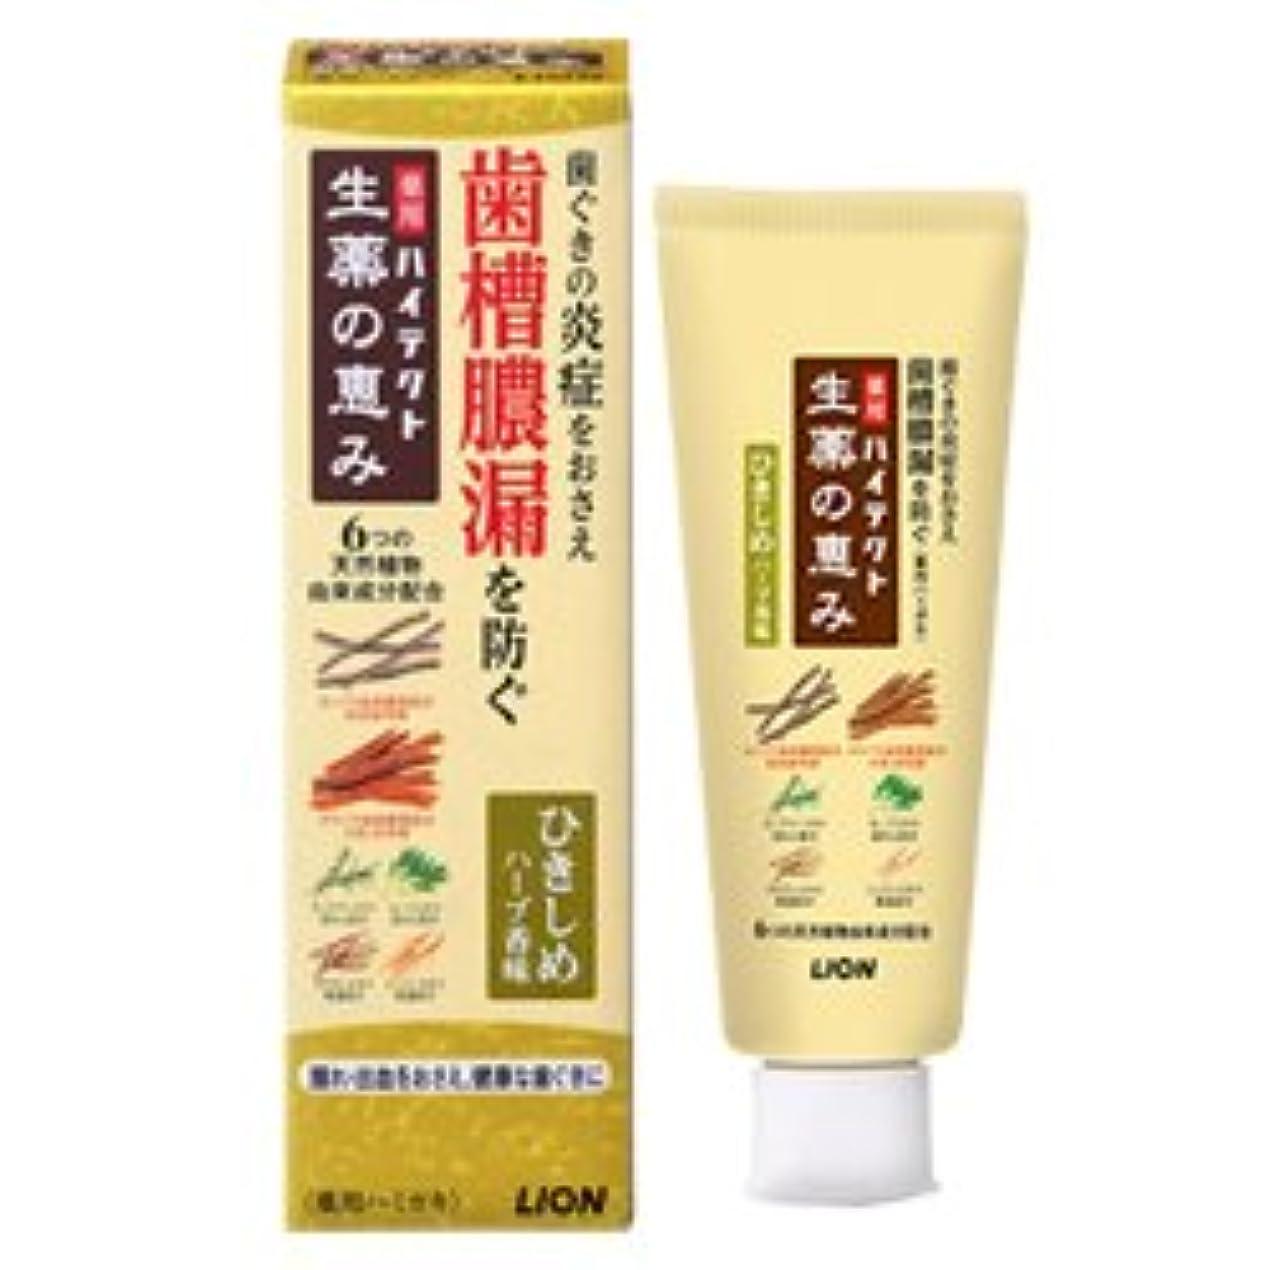 経済的丈夫にやにや【ライオン】ハイテクト 生薬の恵み ひきしめハーブ香味90g×5個セット